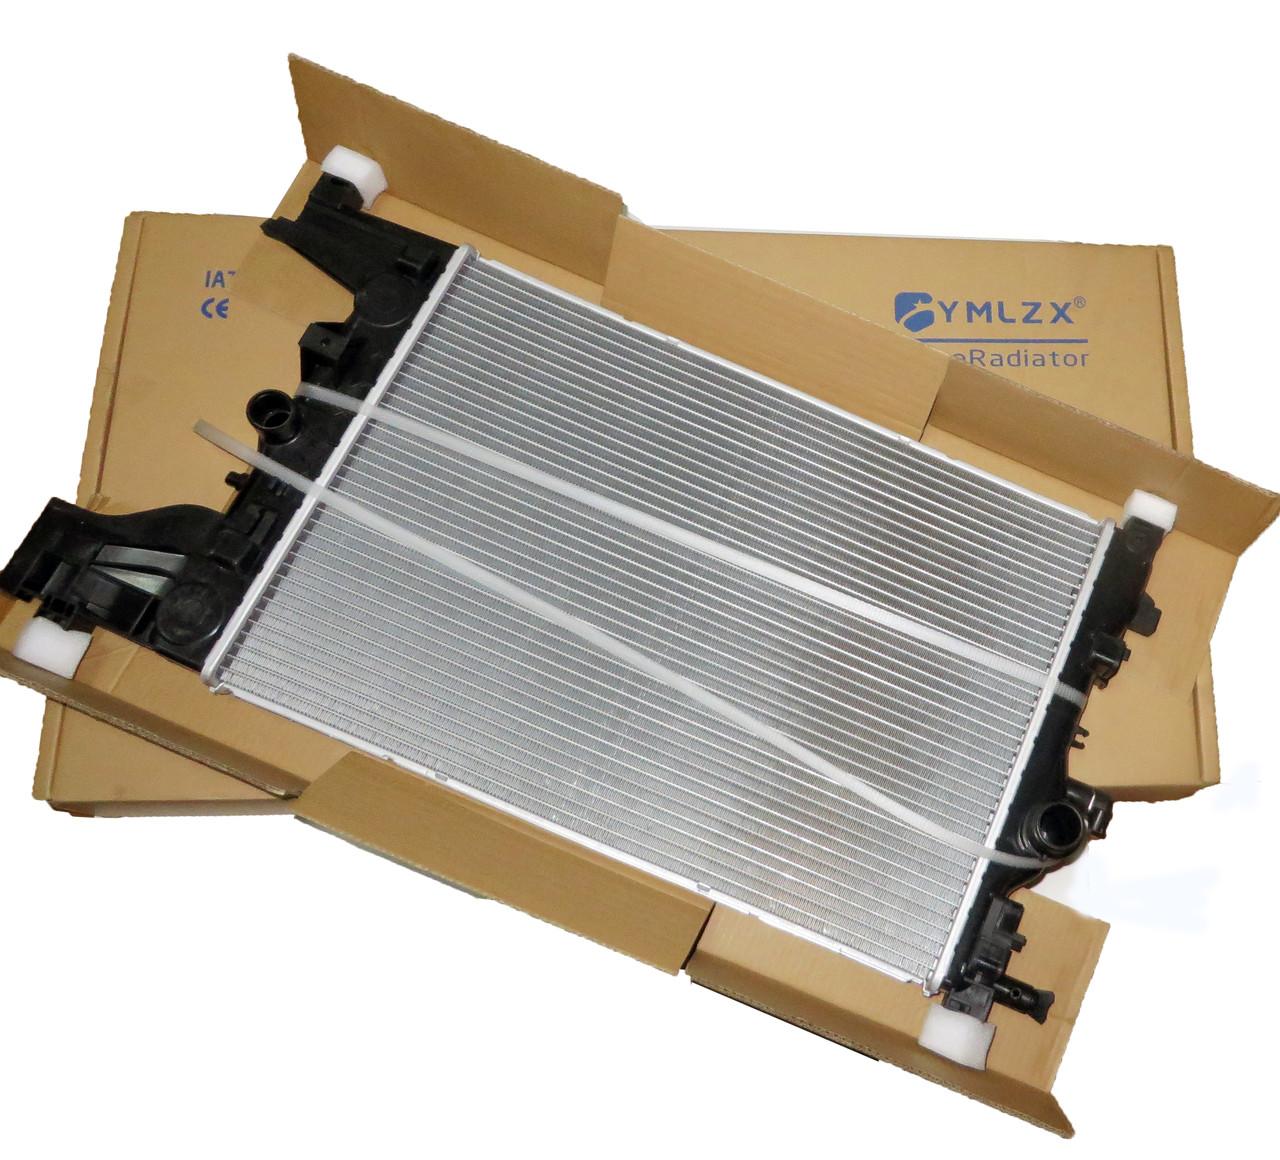 Радіатор основний Круз 1,6 МКПП, YMLZX, YML-BR-946, 13267650-